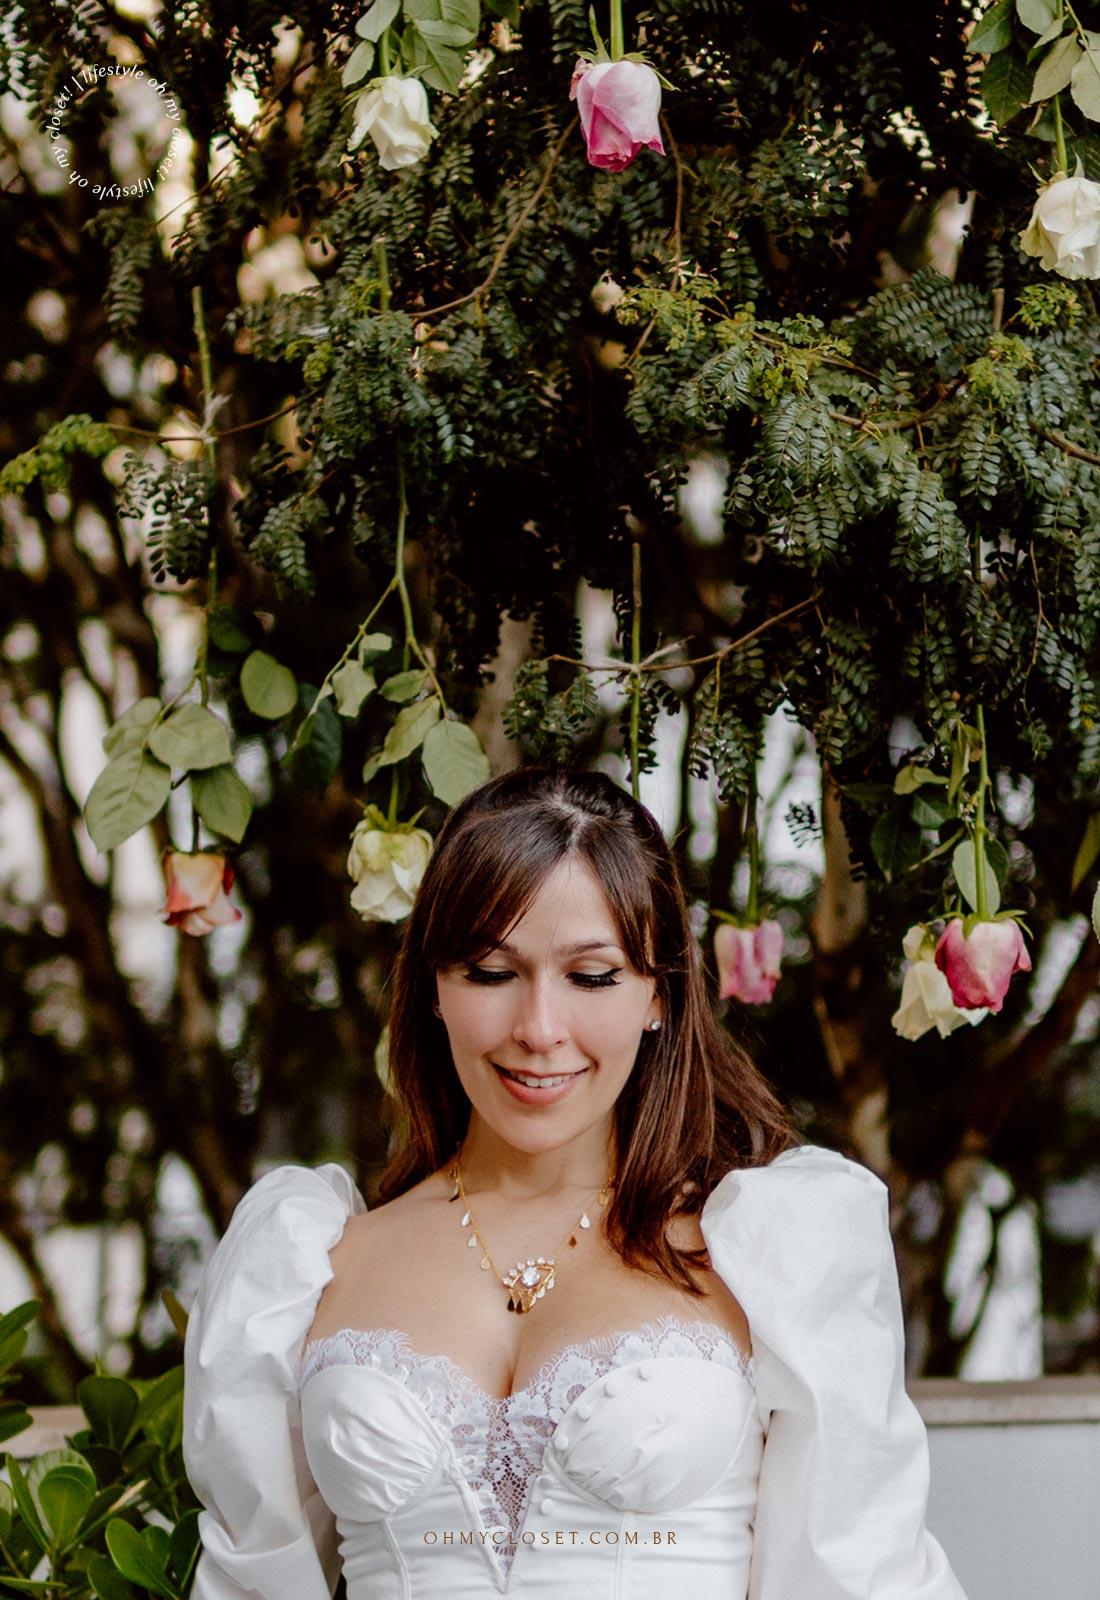 Monica Almeida, Comemoração 10 Anos Blog Oh My Closet!